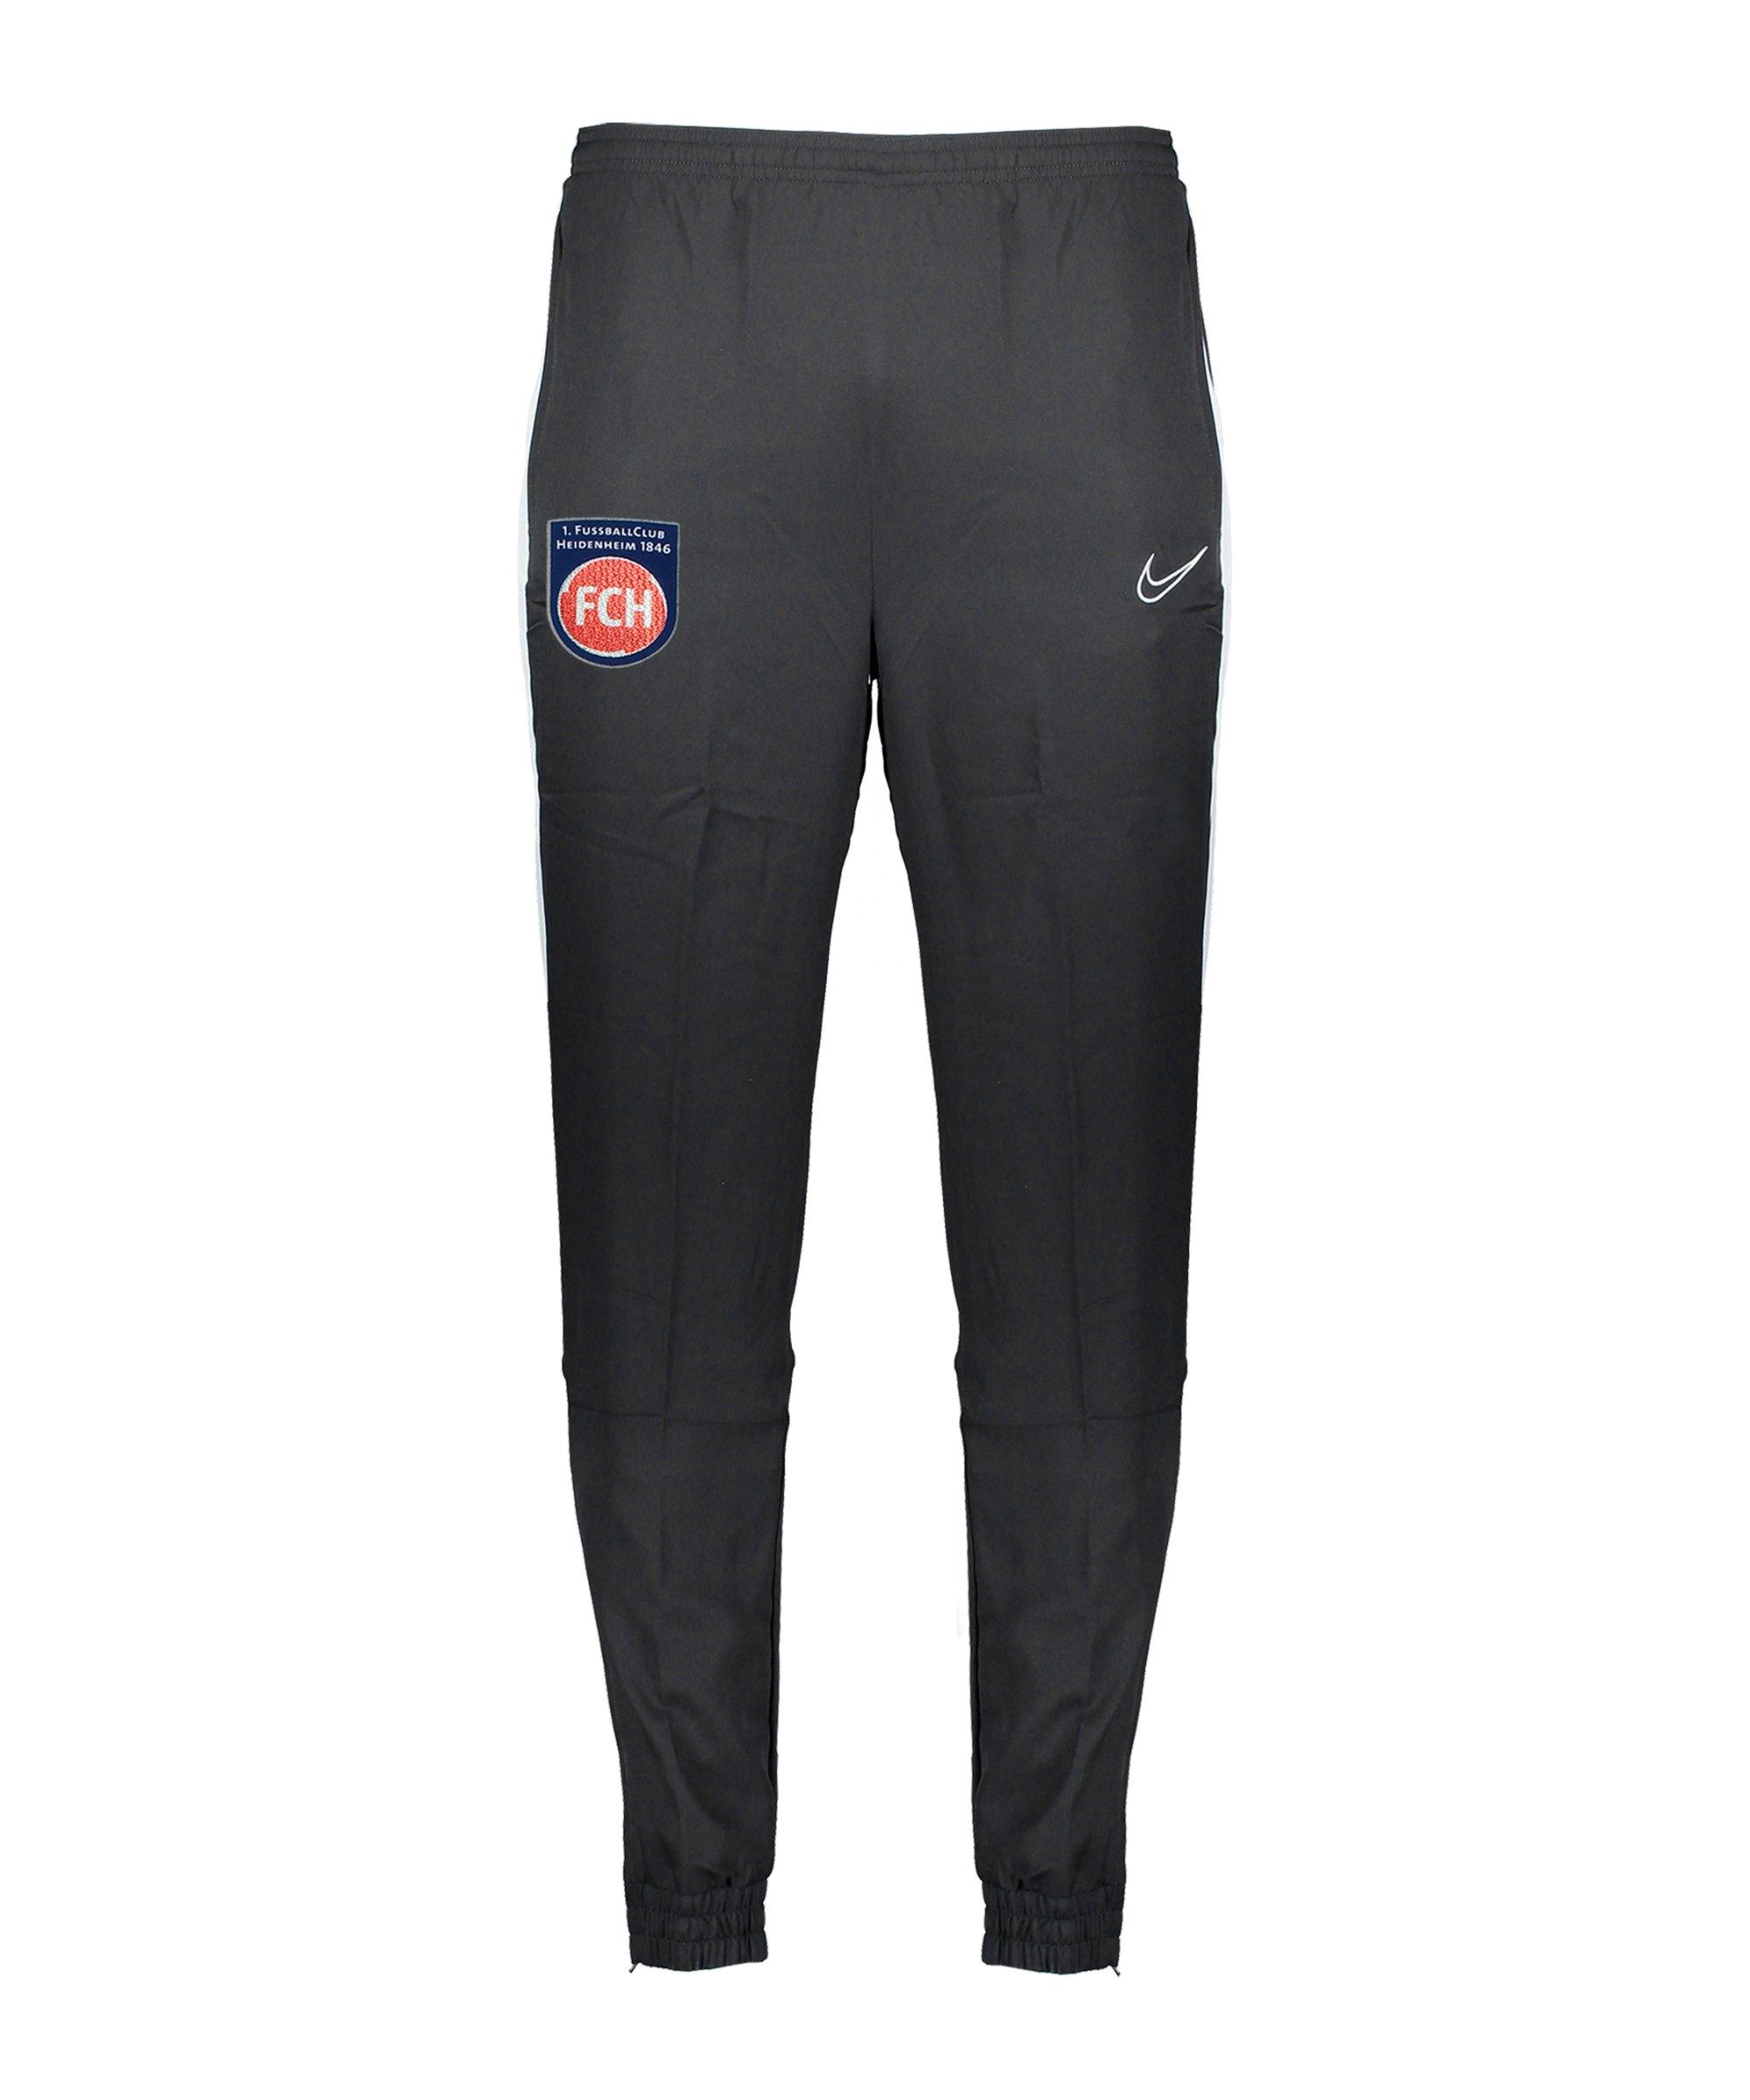 Nike 1. FC Heidenheim Trainingshose Grau F060 - grau